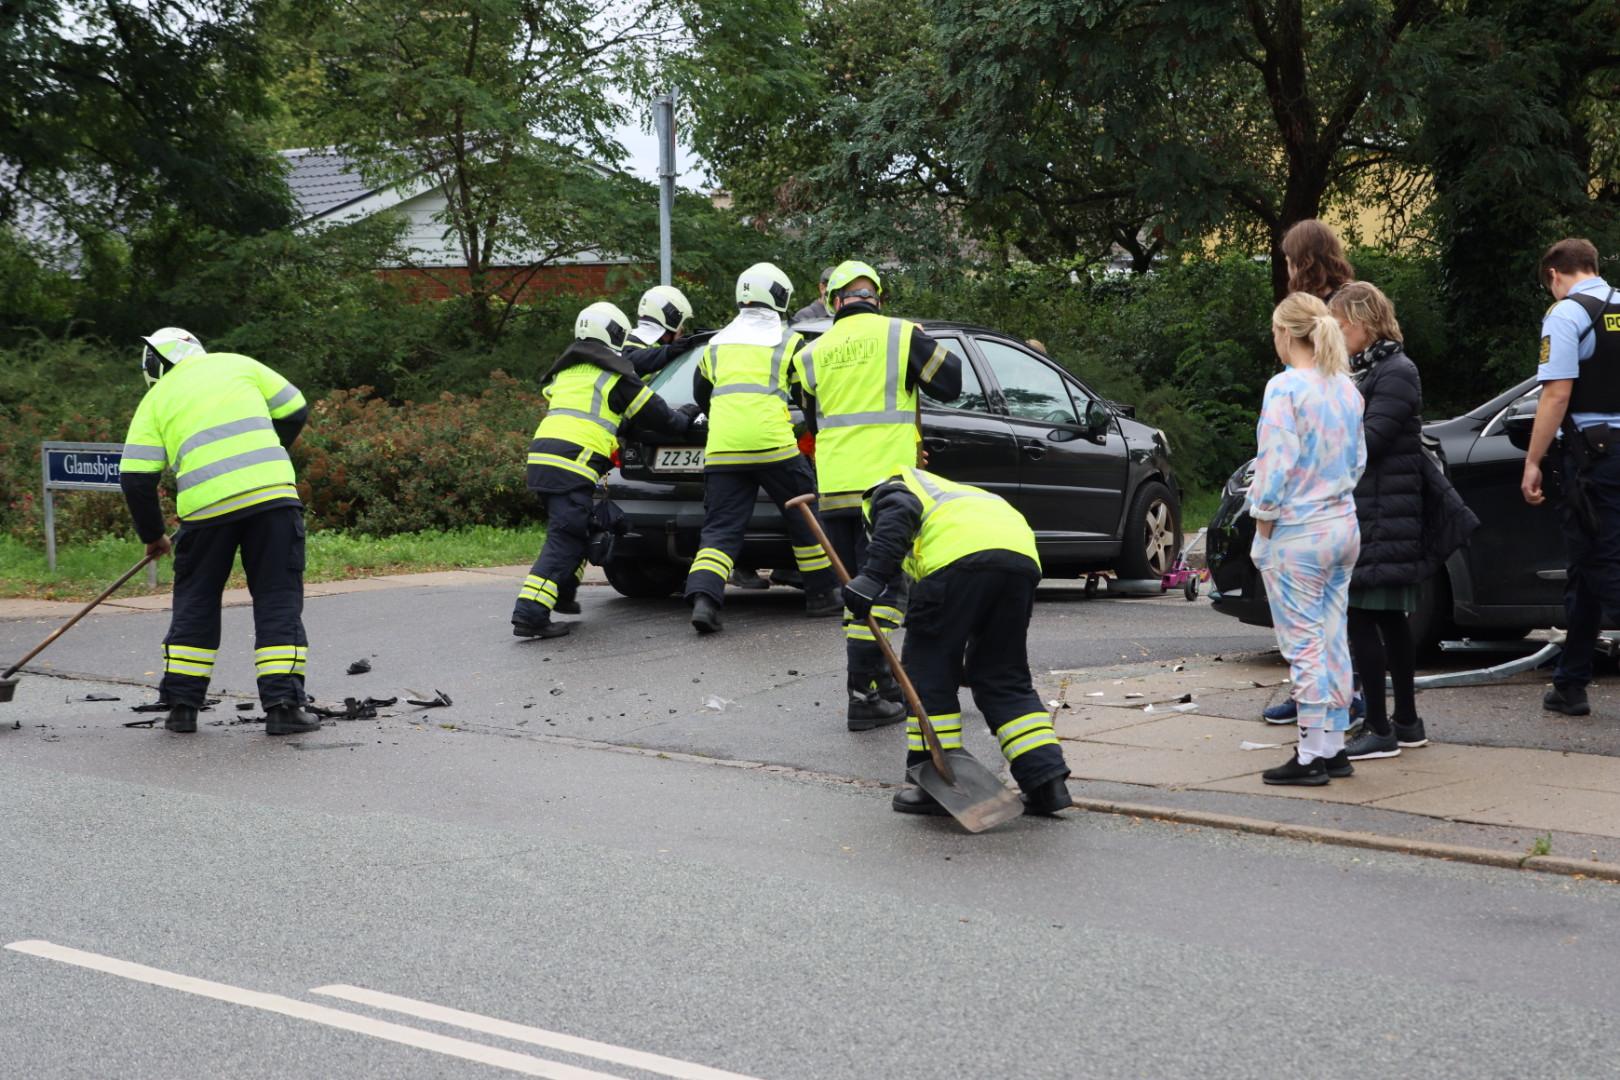 Politi og redning på stedet - alvorlig trafikulykke